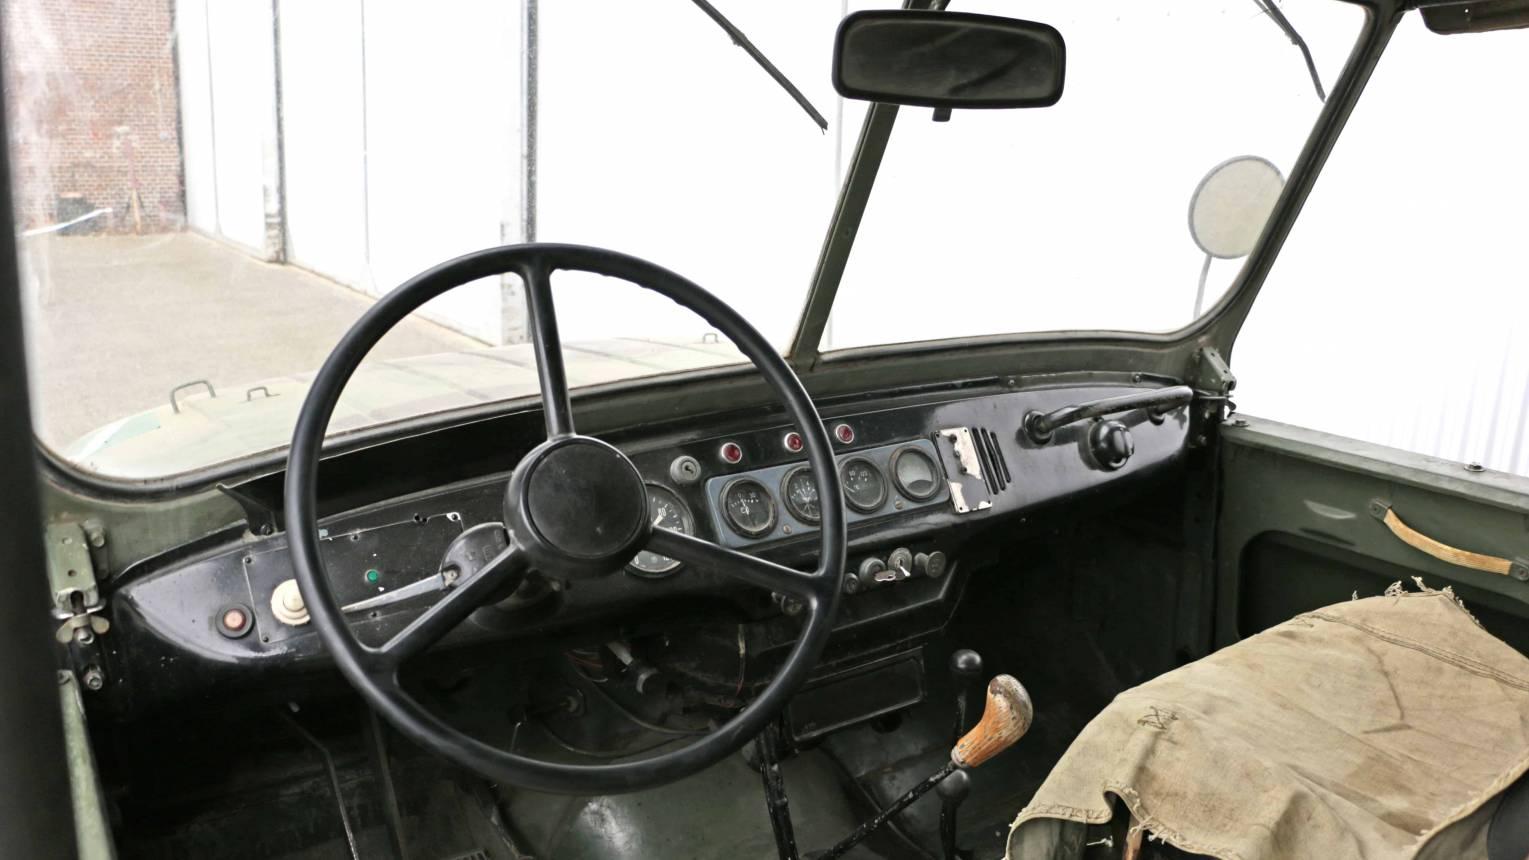 UAZ, katonai jármű vezetés